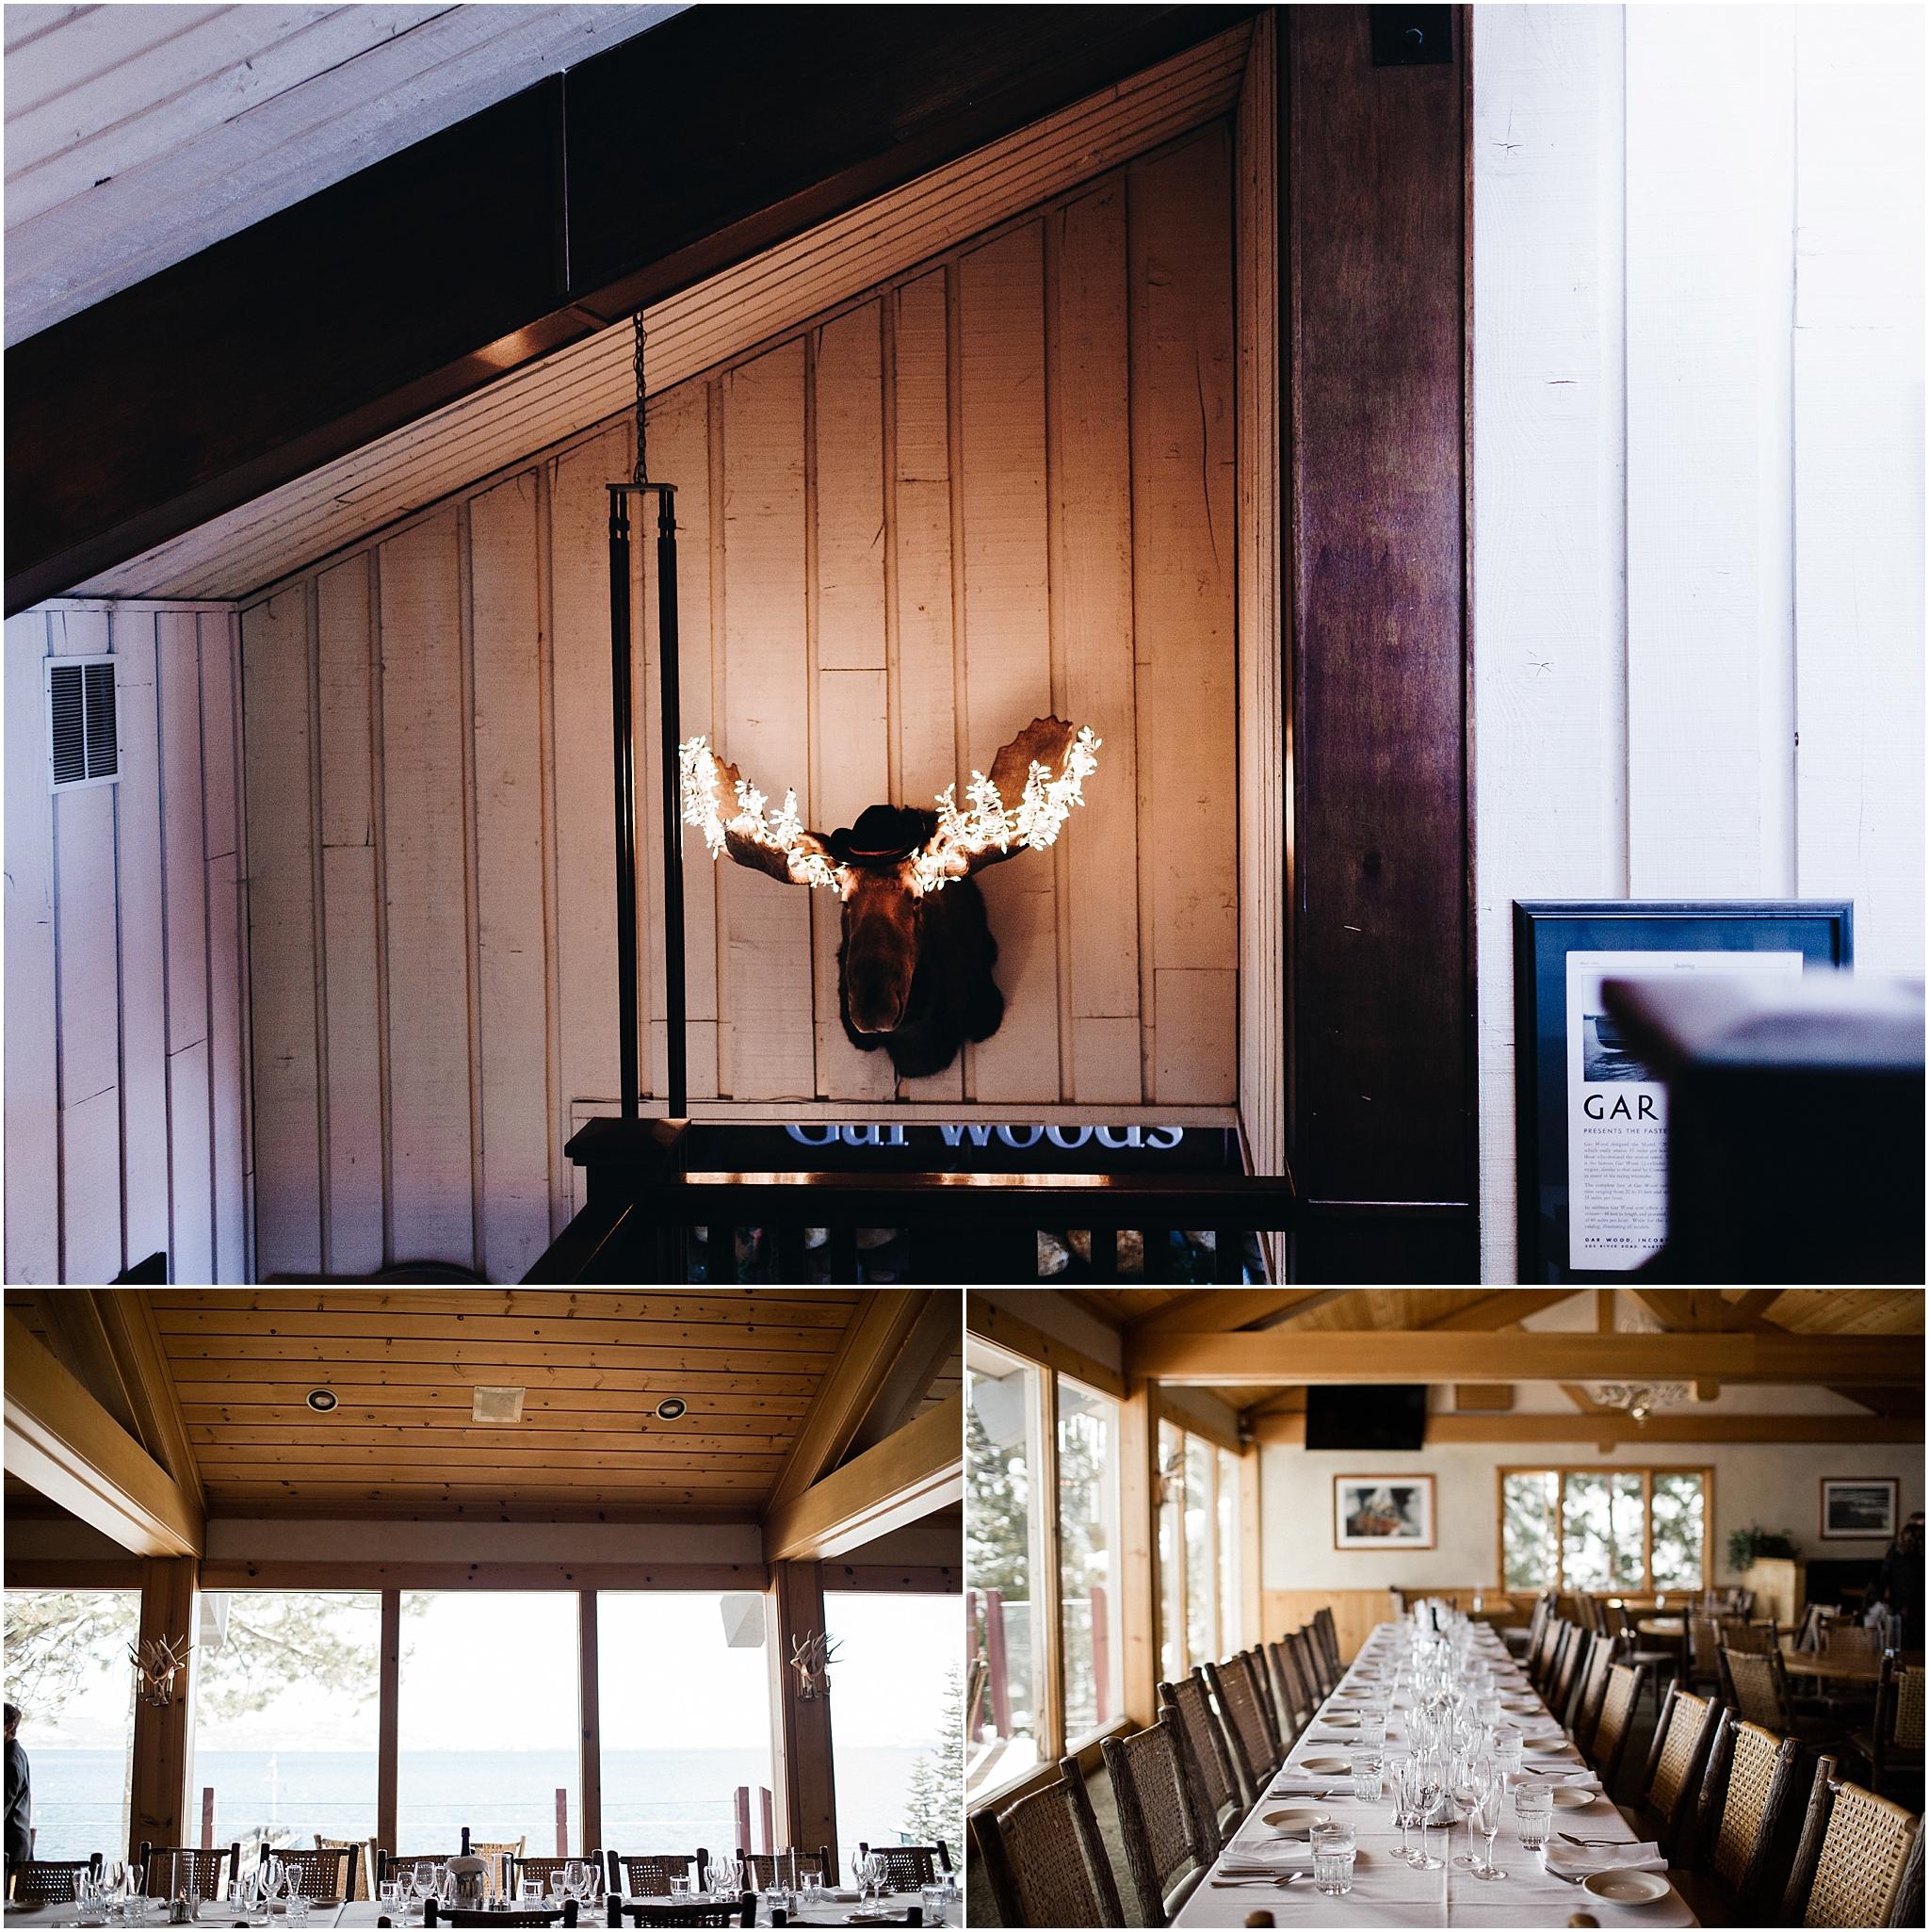 lake tahoe winter elopement - garwoods lake tahoe - garwoods wedding - lake tahoe wedding photographer5.jpg